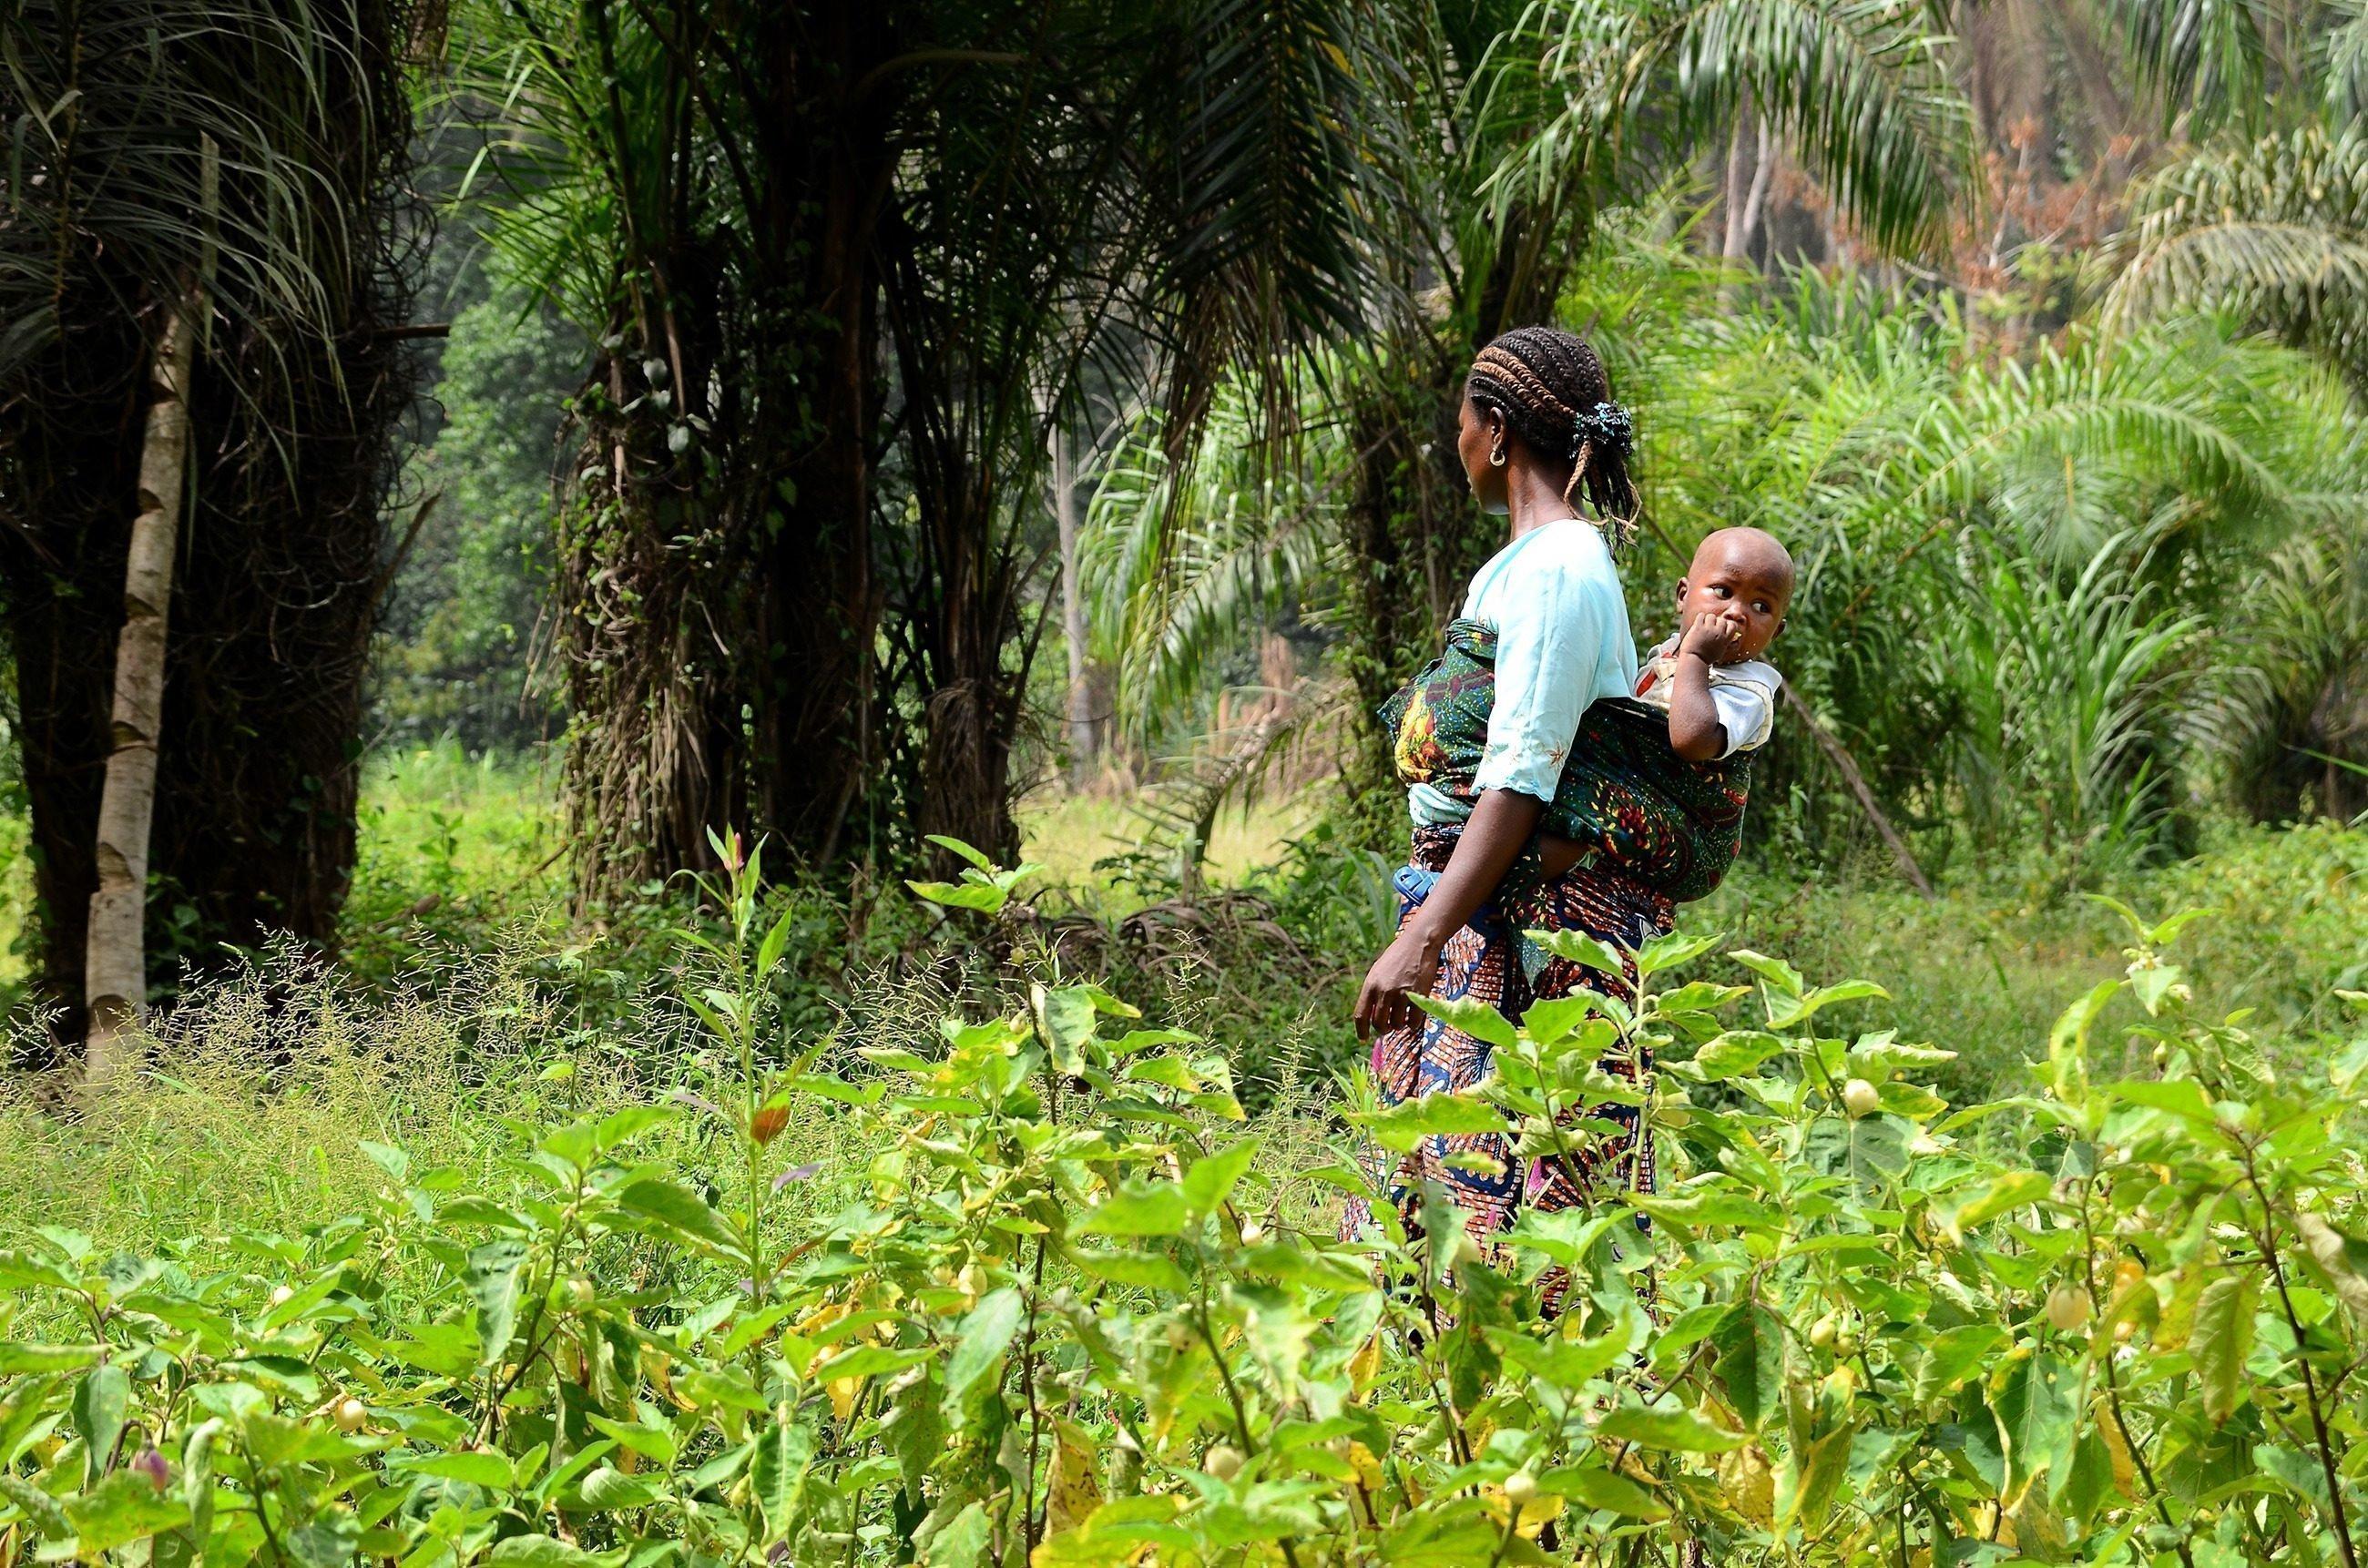 Eine Mutter trägt ihr Kind mit einem Tuch auf ihrem Rücken durch dichtes Grün.